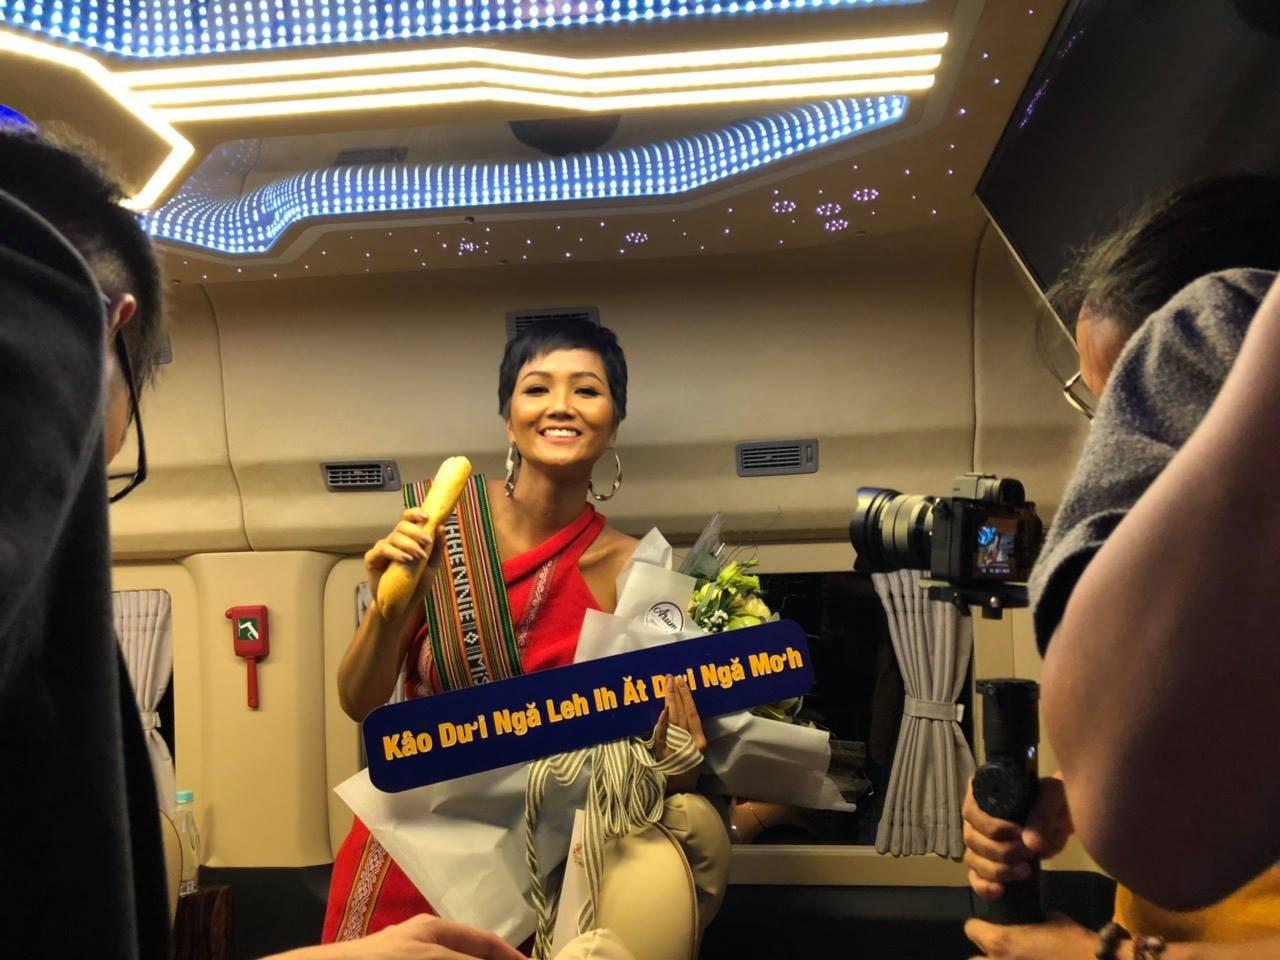 HHen Niê hạnh phúc trở về trong vòng tay chào đón của người dân Đăk Lăk sau thành tích Top 5 Miss Universe 2018 - Ảnh 5.